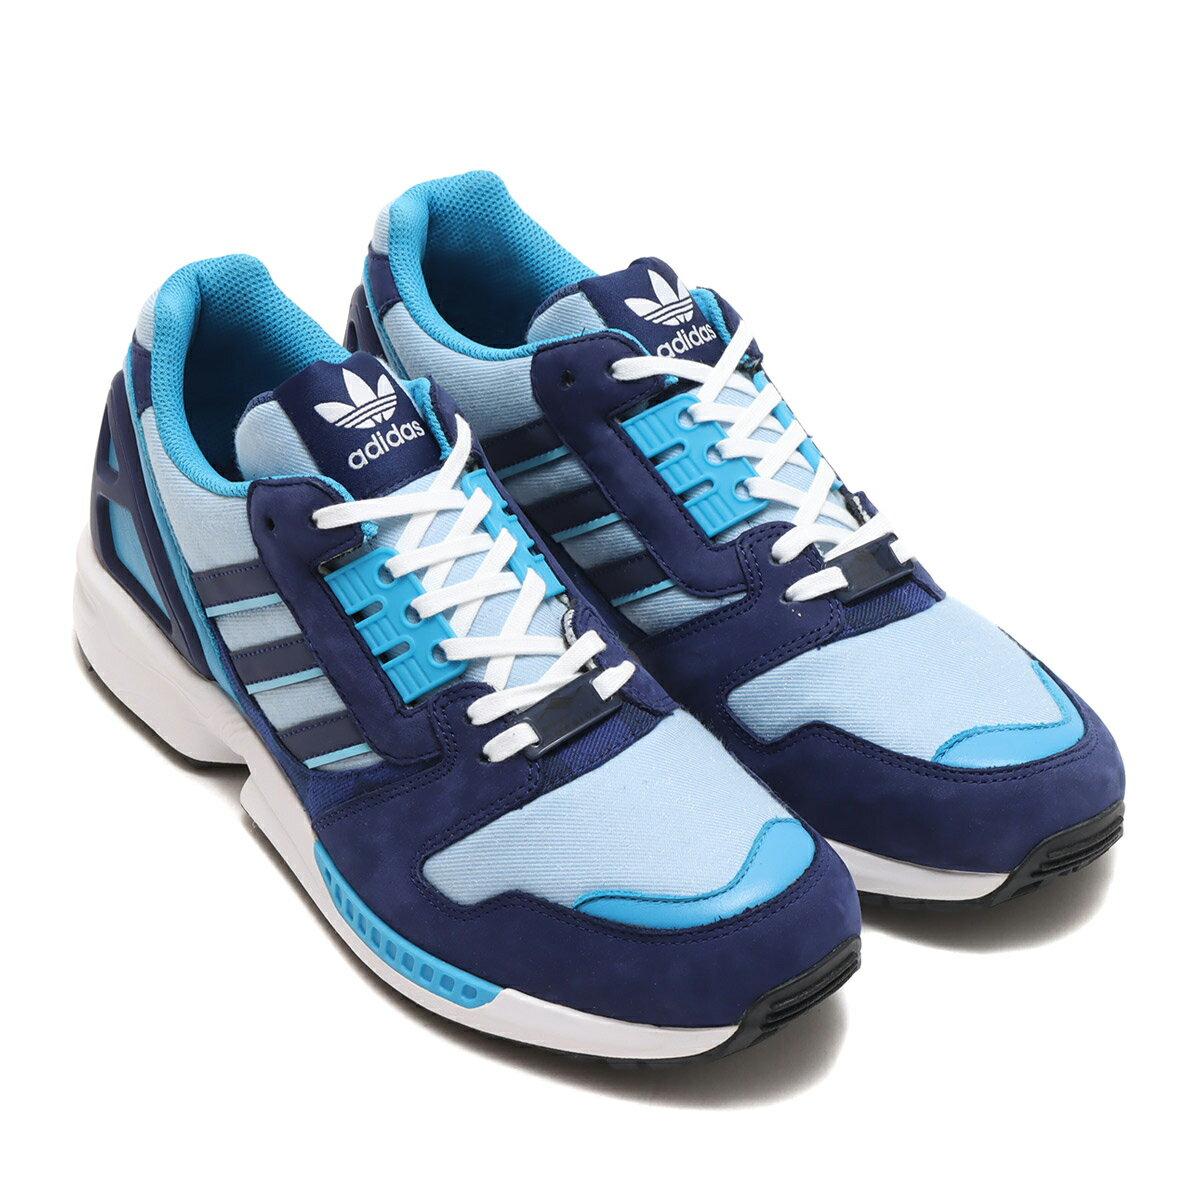 メンズ靴, スニーカー adidas ZX8000 DENIM atmos( 8000 )NIGHT SKYBRIGHT CYANHAZY BLUE 21FW-S